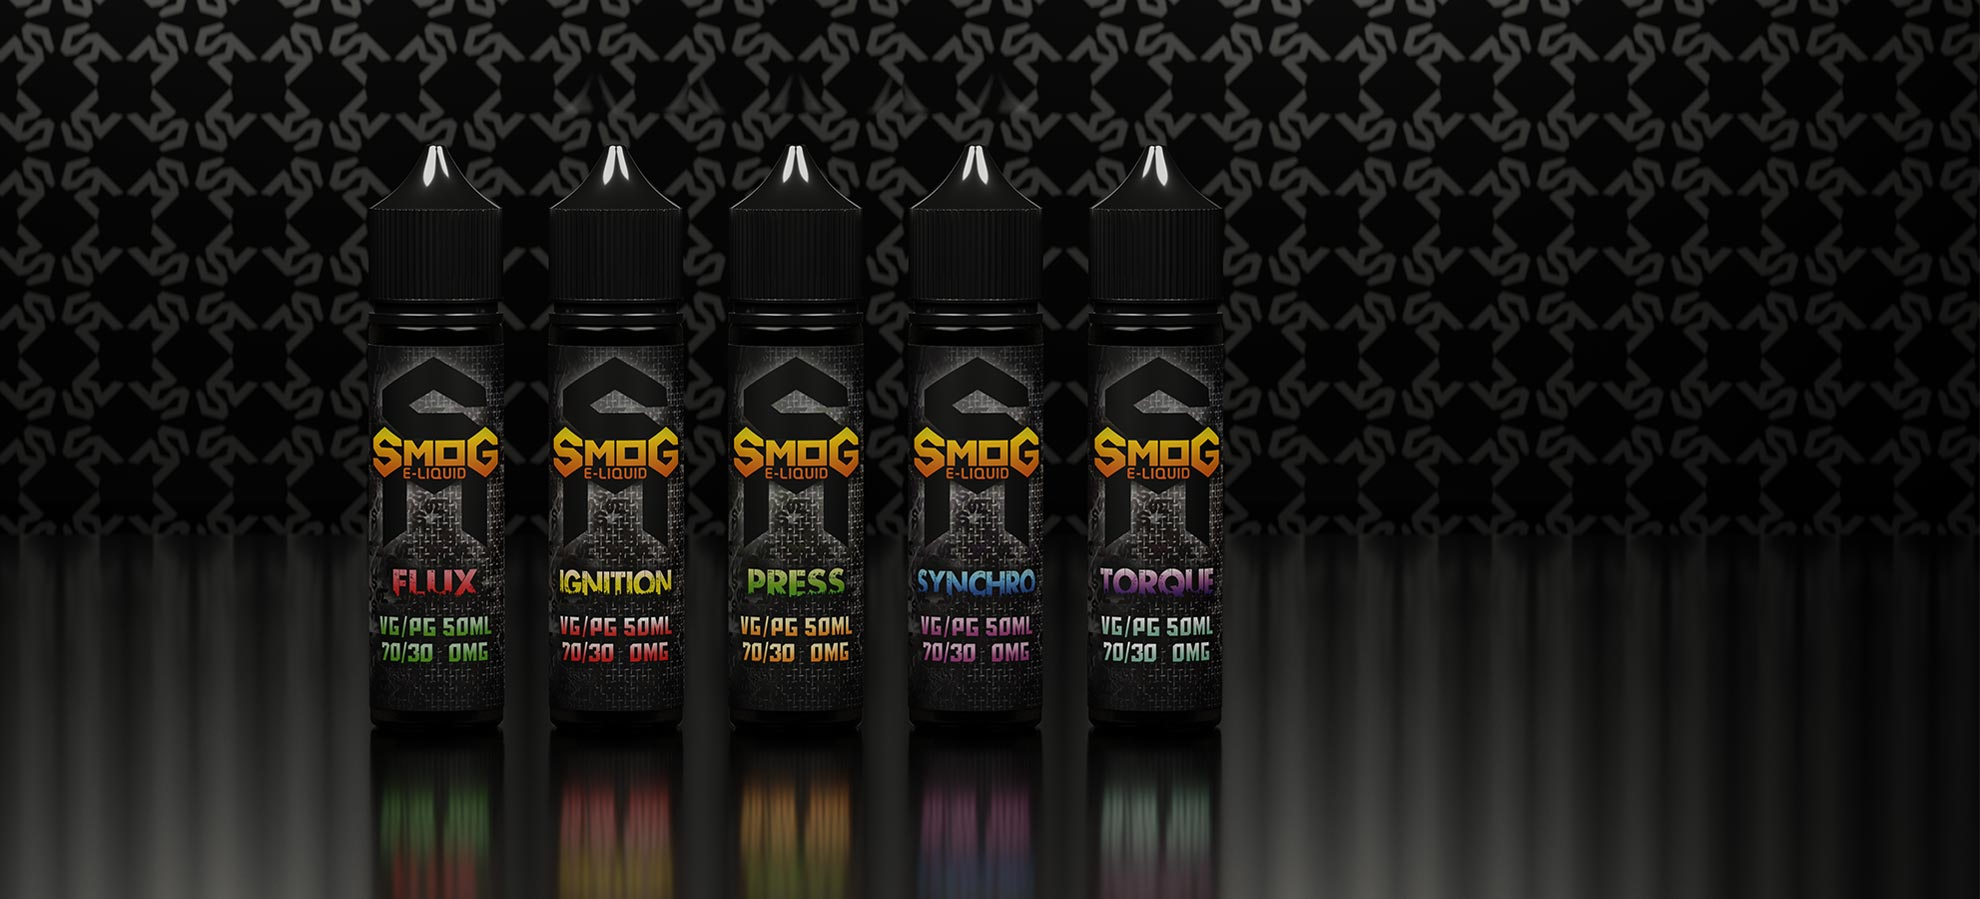 Smog e-liquid slider